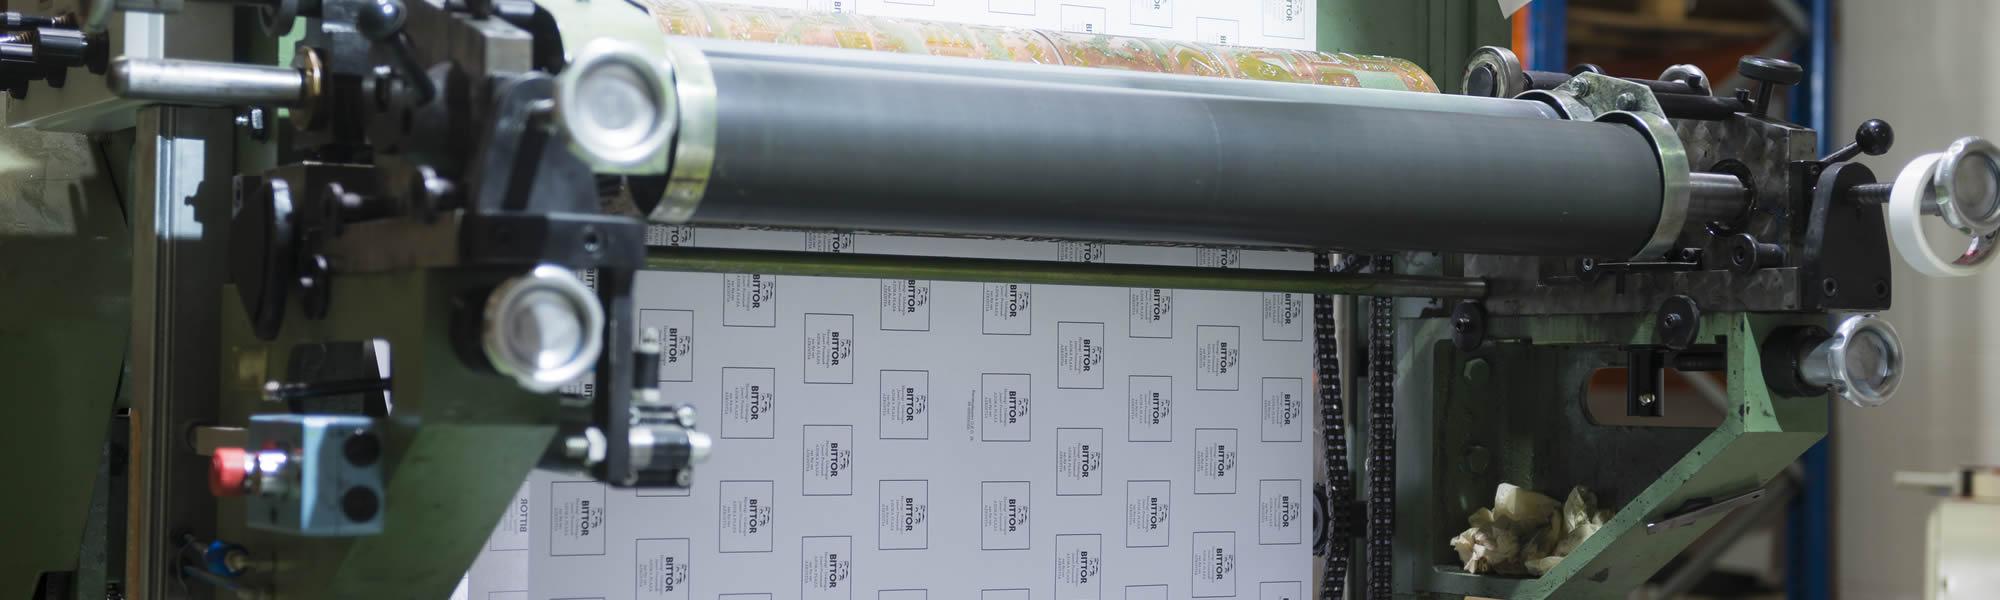 Zubelzuk enbalaje-materialak eta packaging-produktuak fabrikatzen ditu